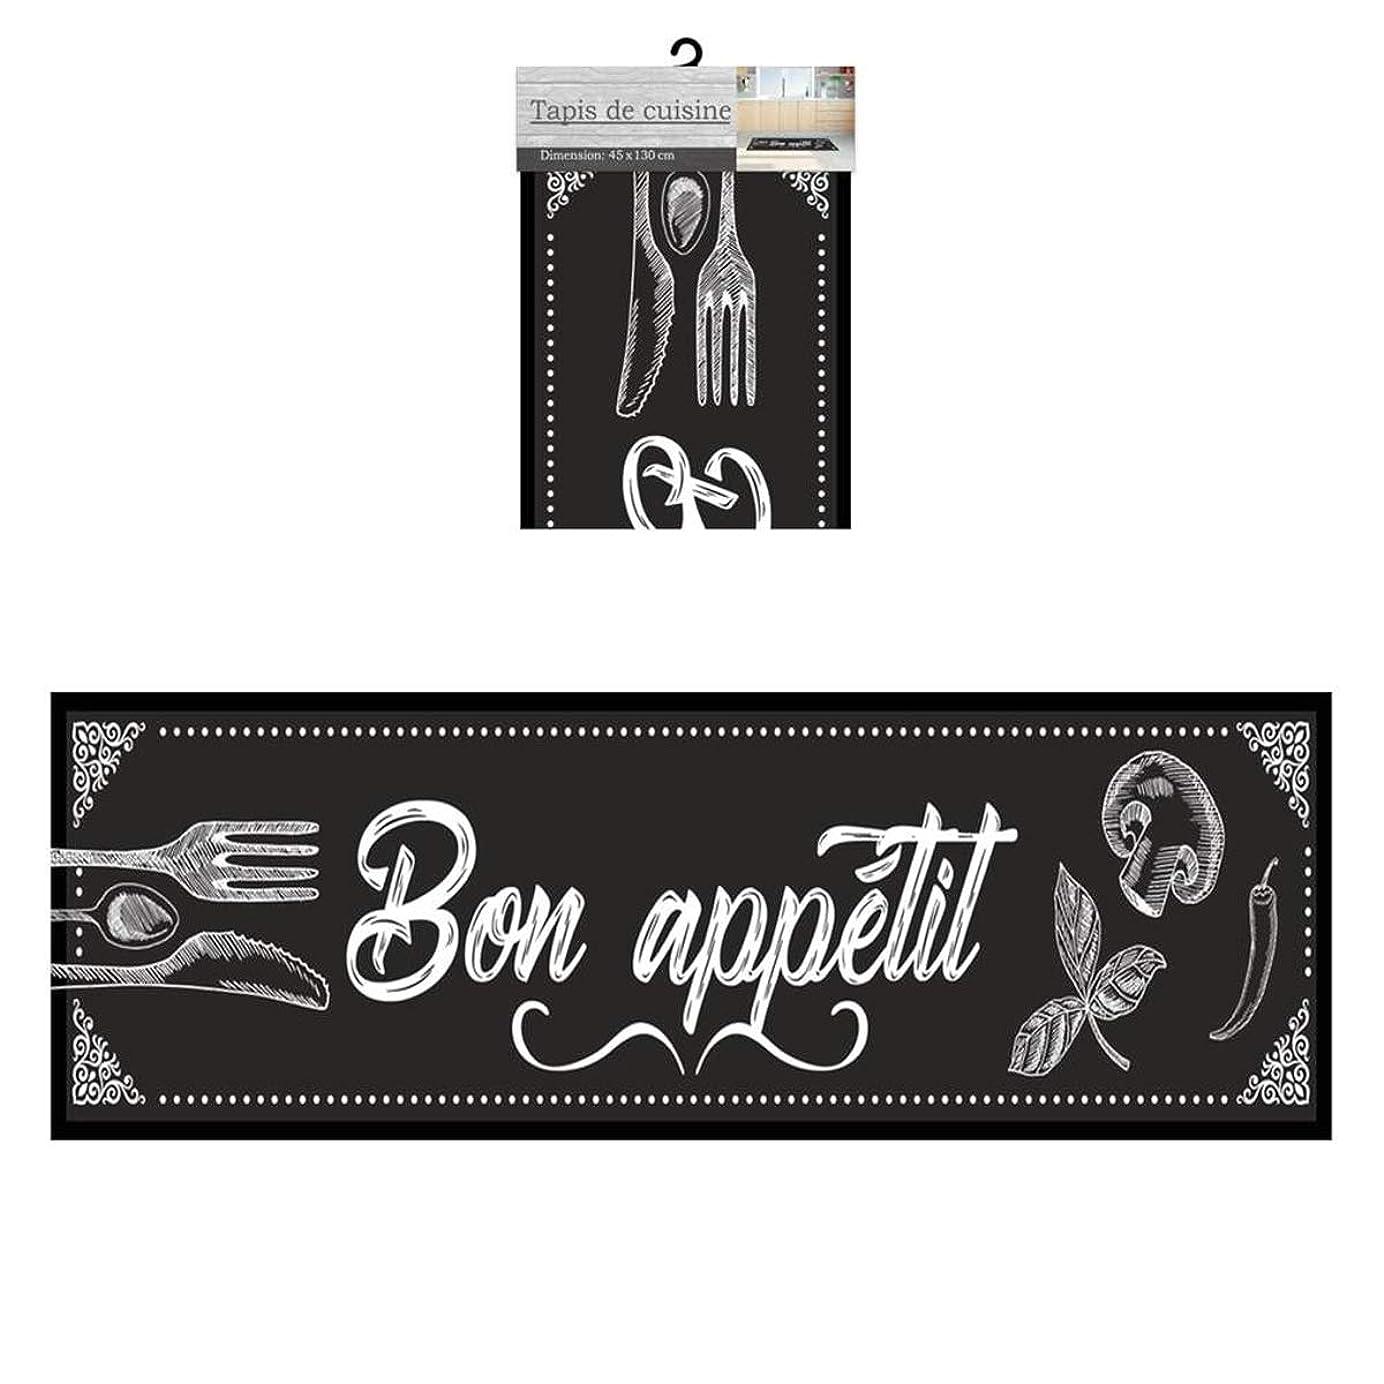 憲法労苦ネコ[リリーの宝 (Les Tresors De Lily)] (Bon Appetit コレクション) [Q2178] キッチンマット ブラック